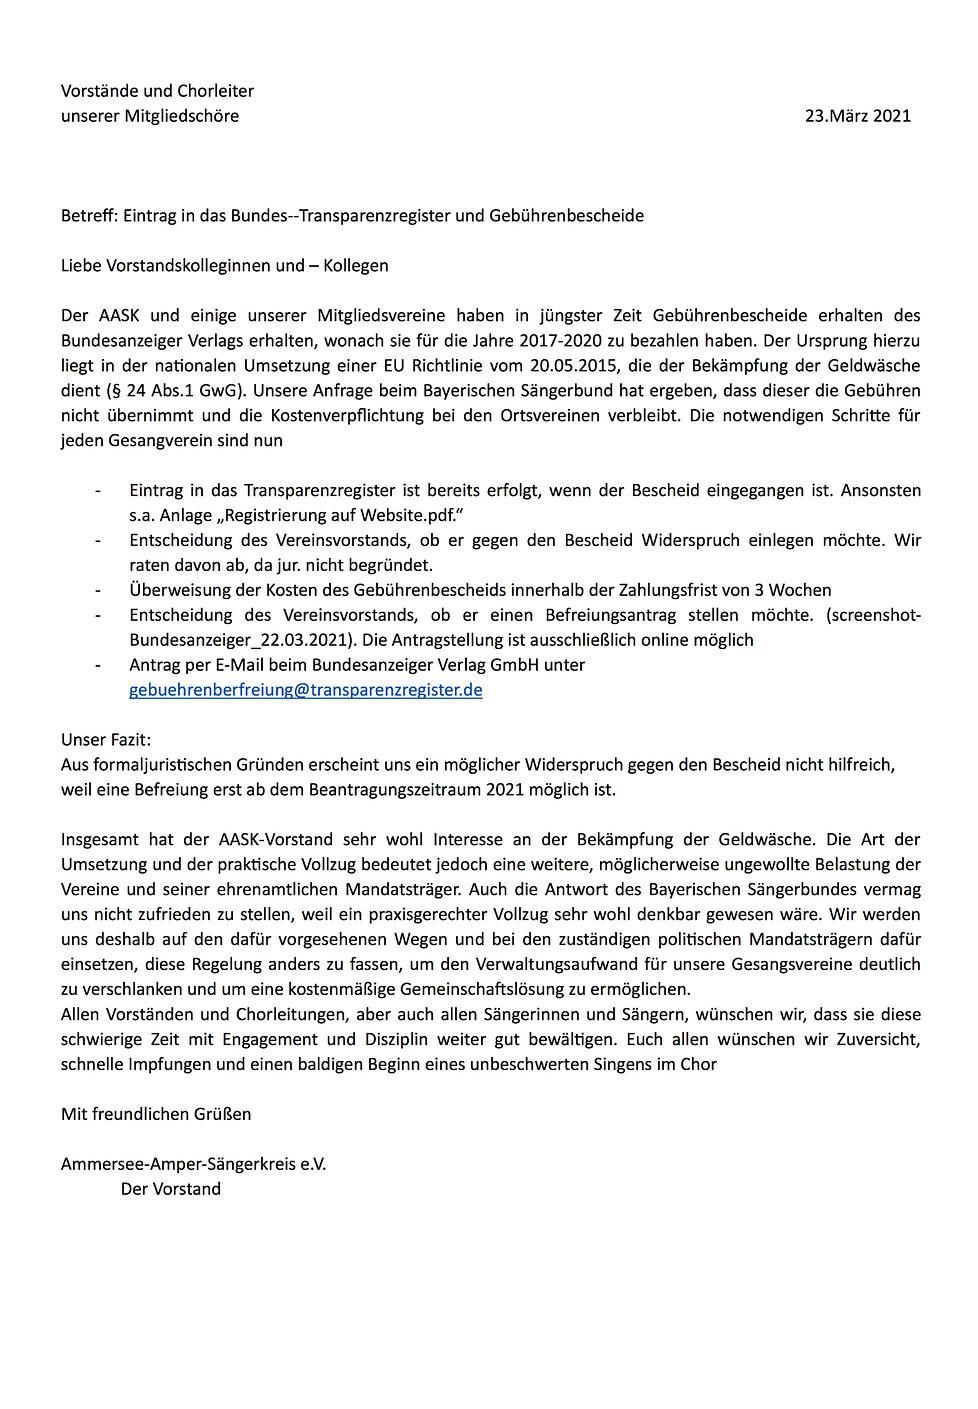 Rundschreiben_04_2021_03_22_edited.jpg